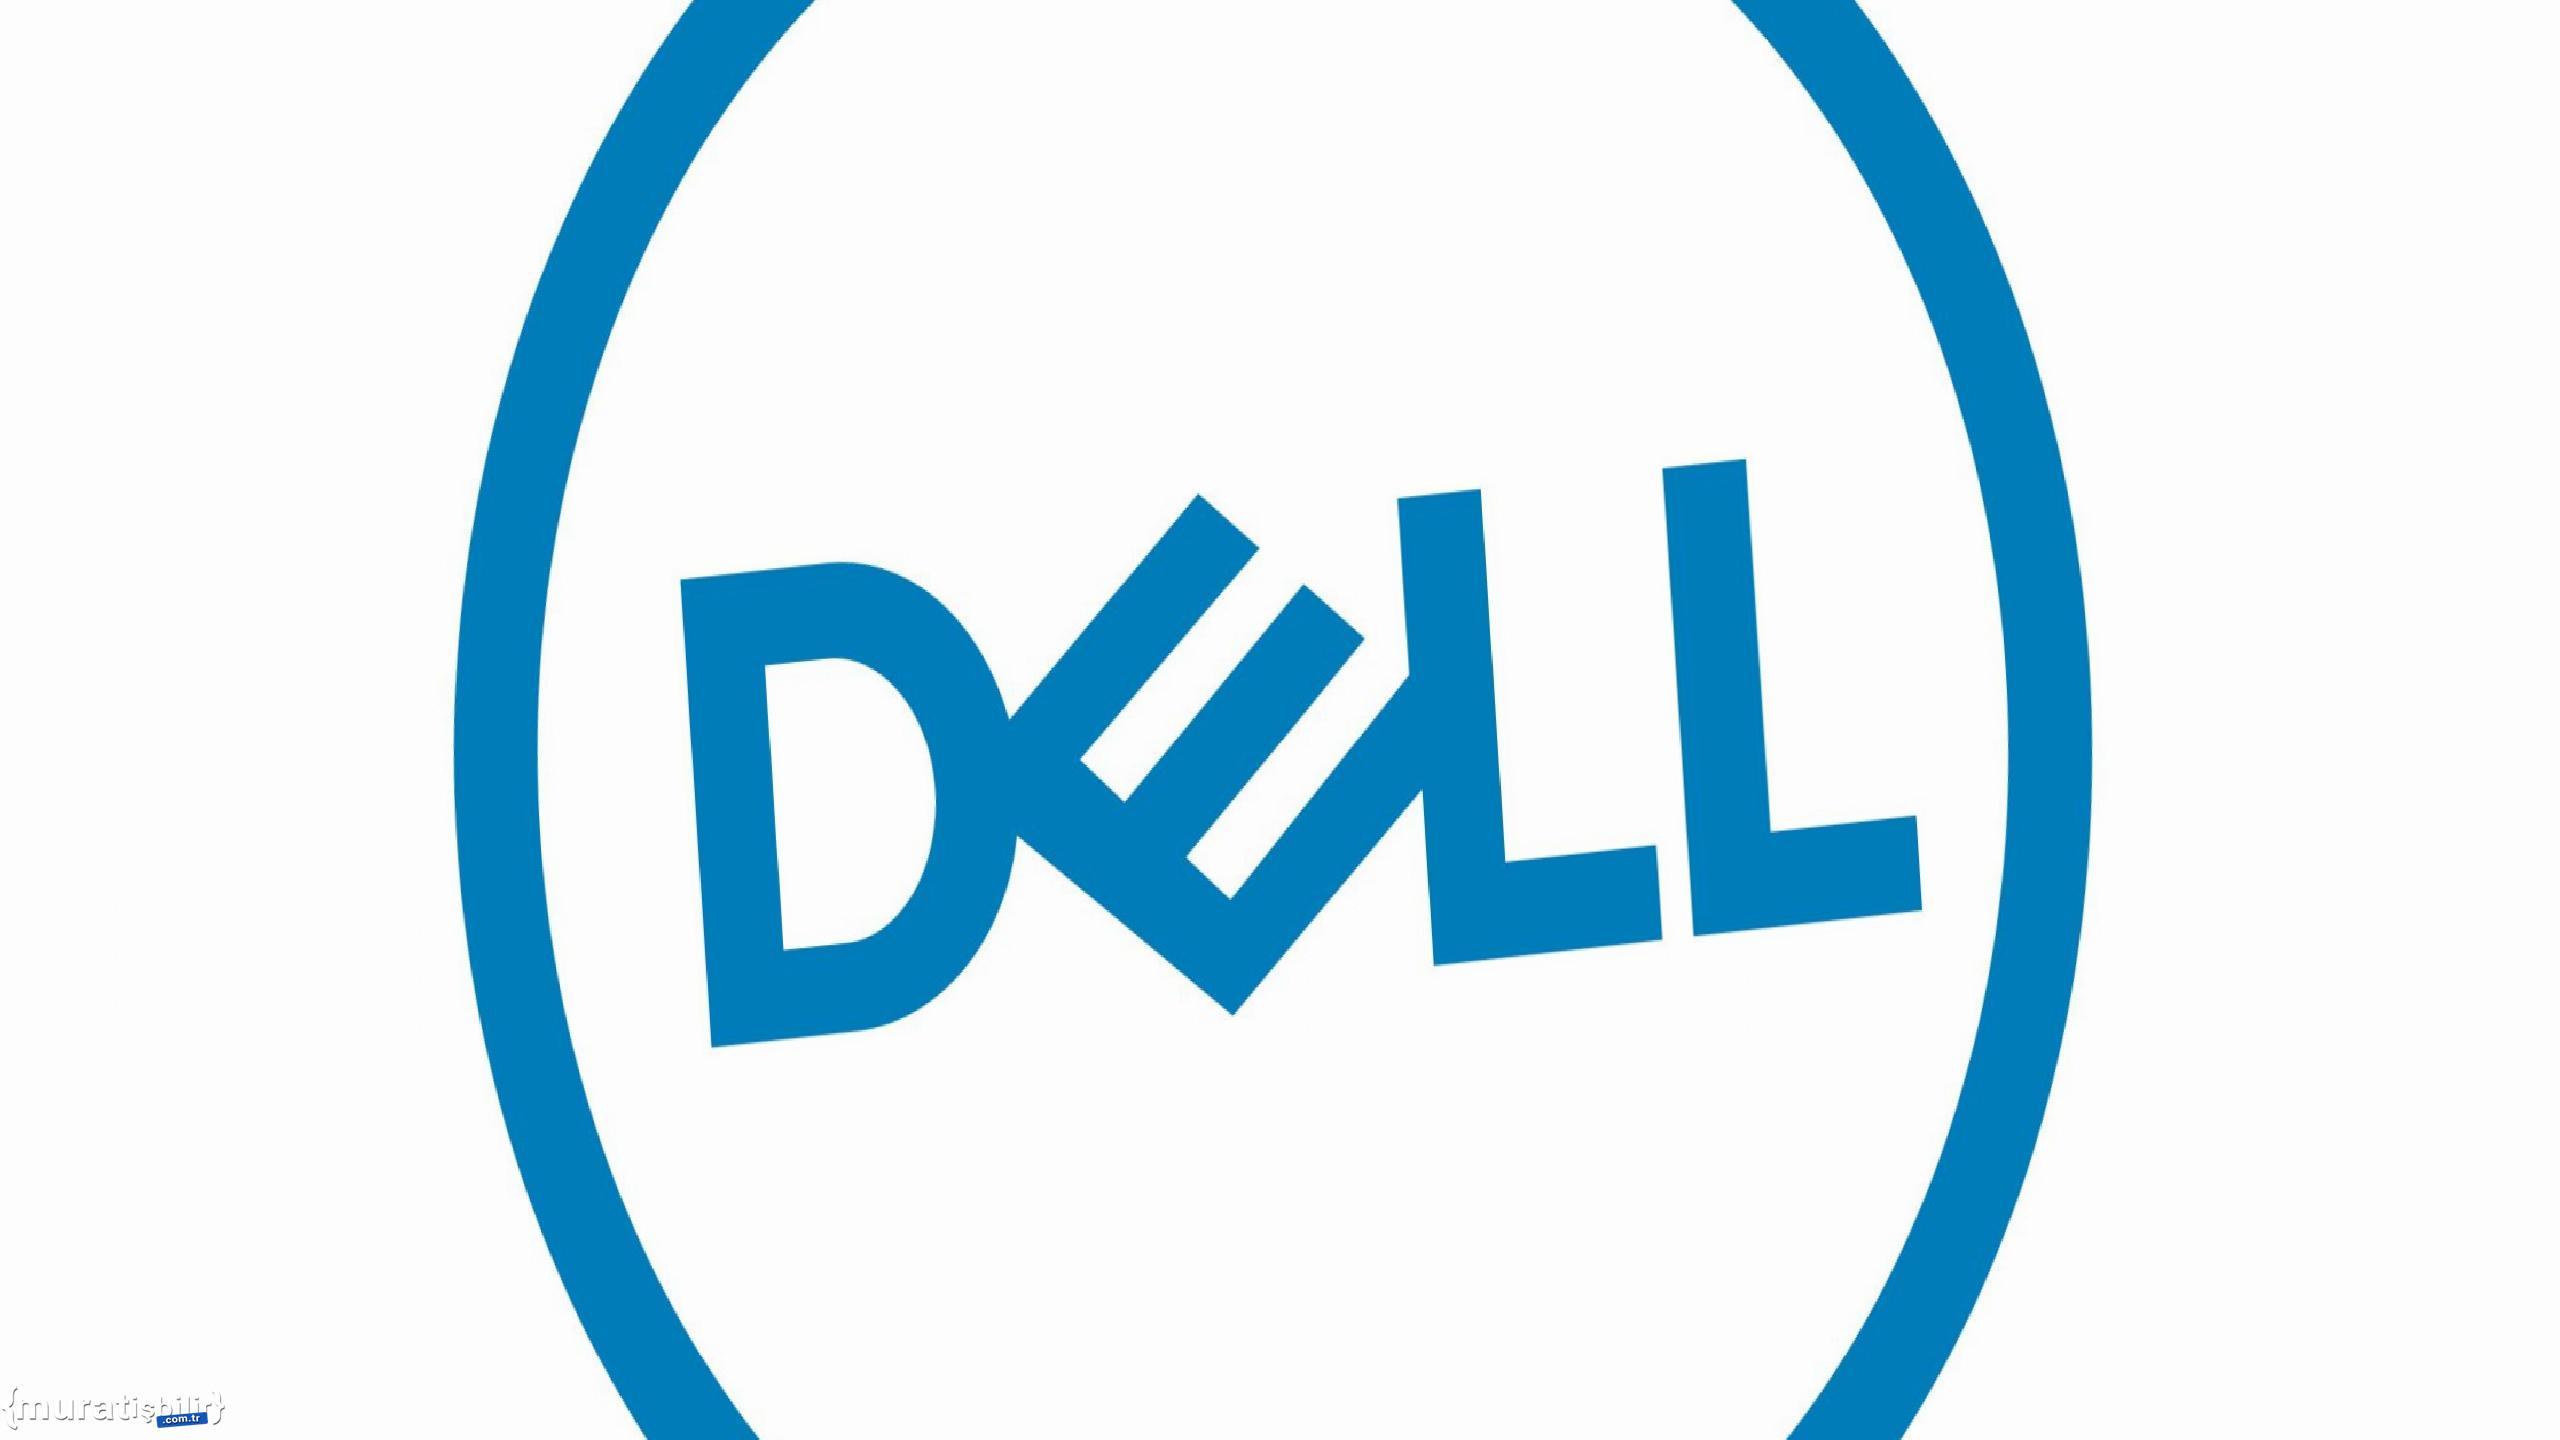 Dell Technologies, Modern Destek Hizmetleri ve Güvenliğin Dönüşümüne Yön Veriyor